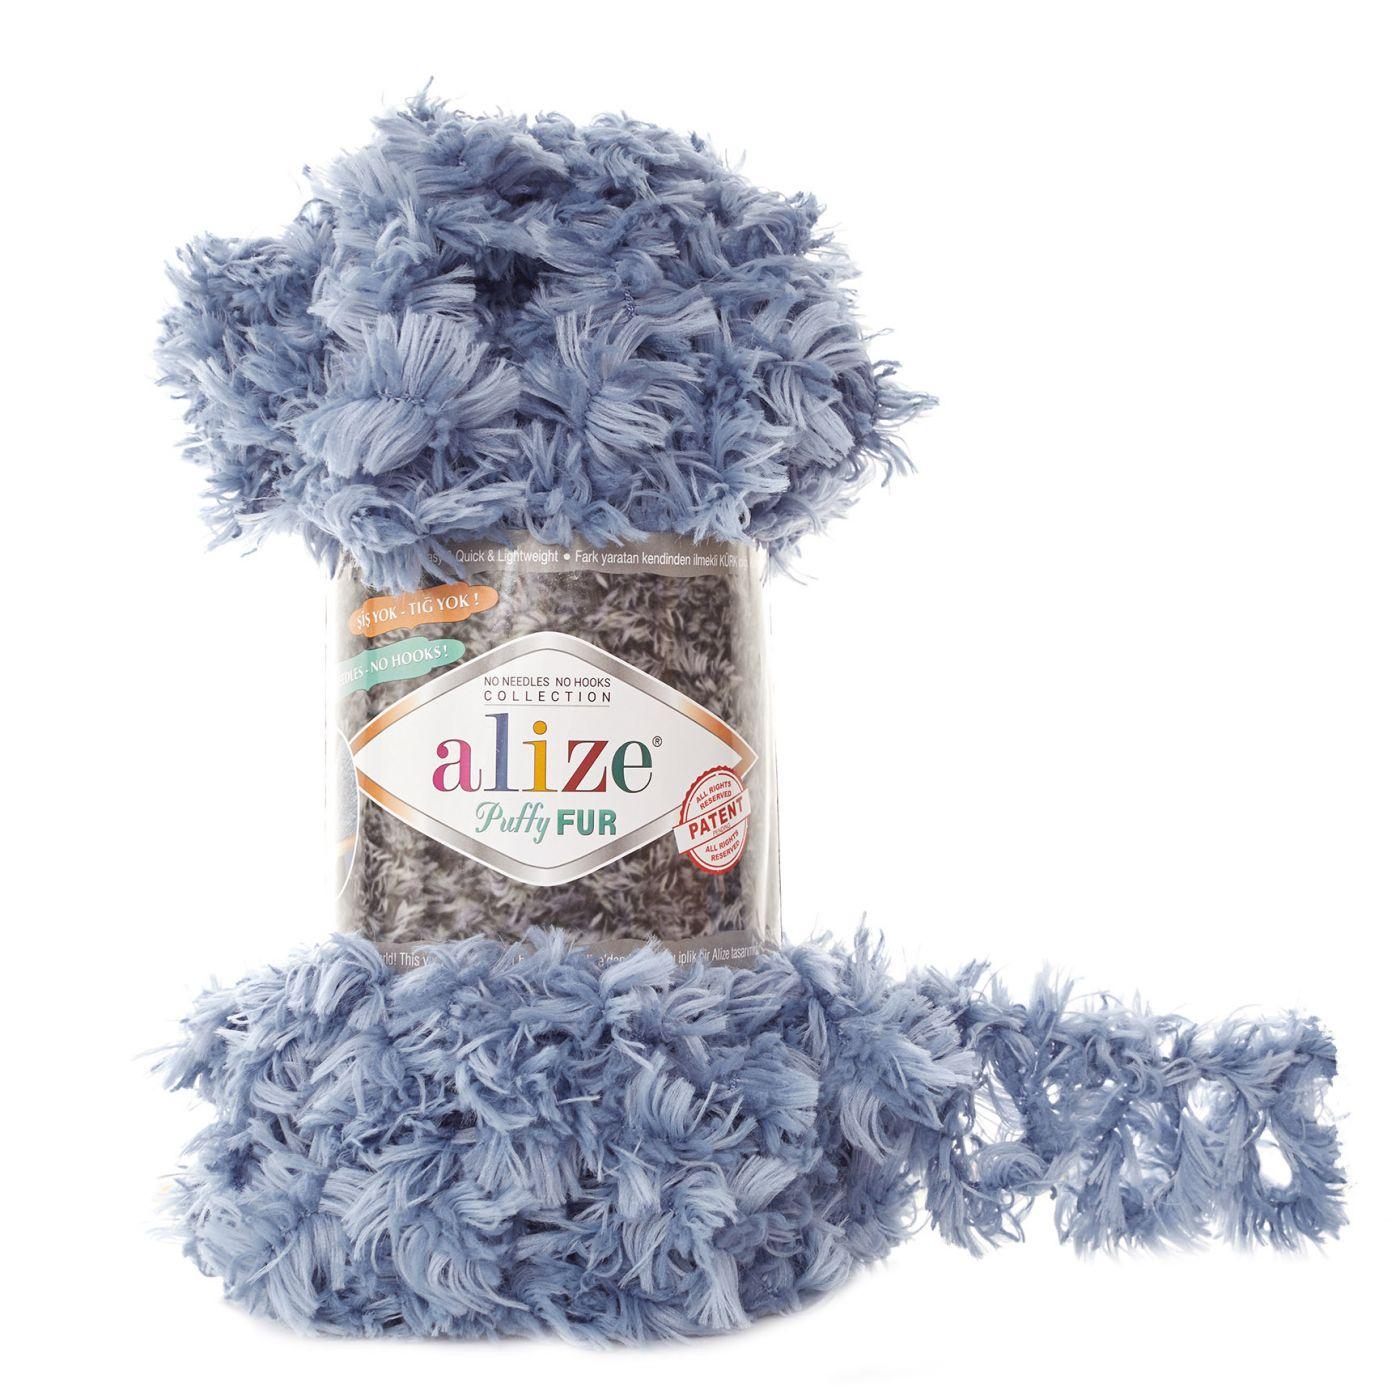 Puffy fur 6106